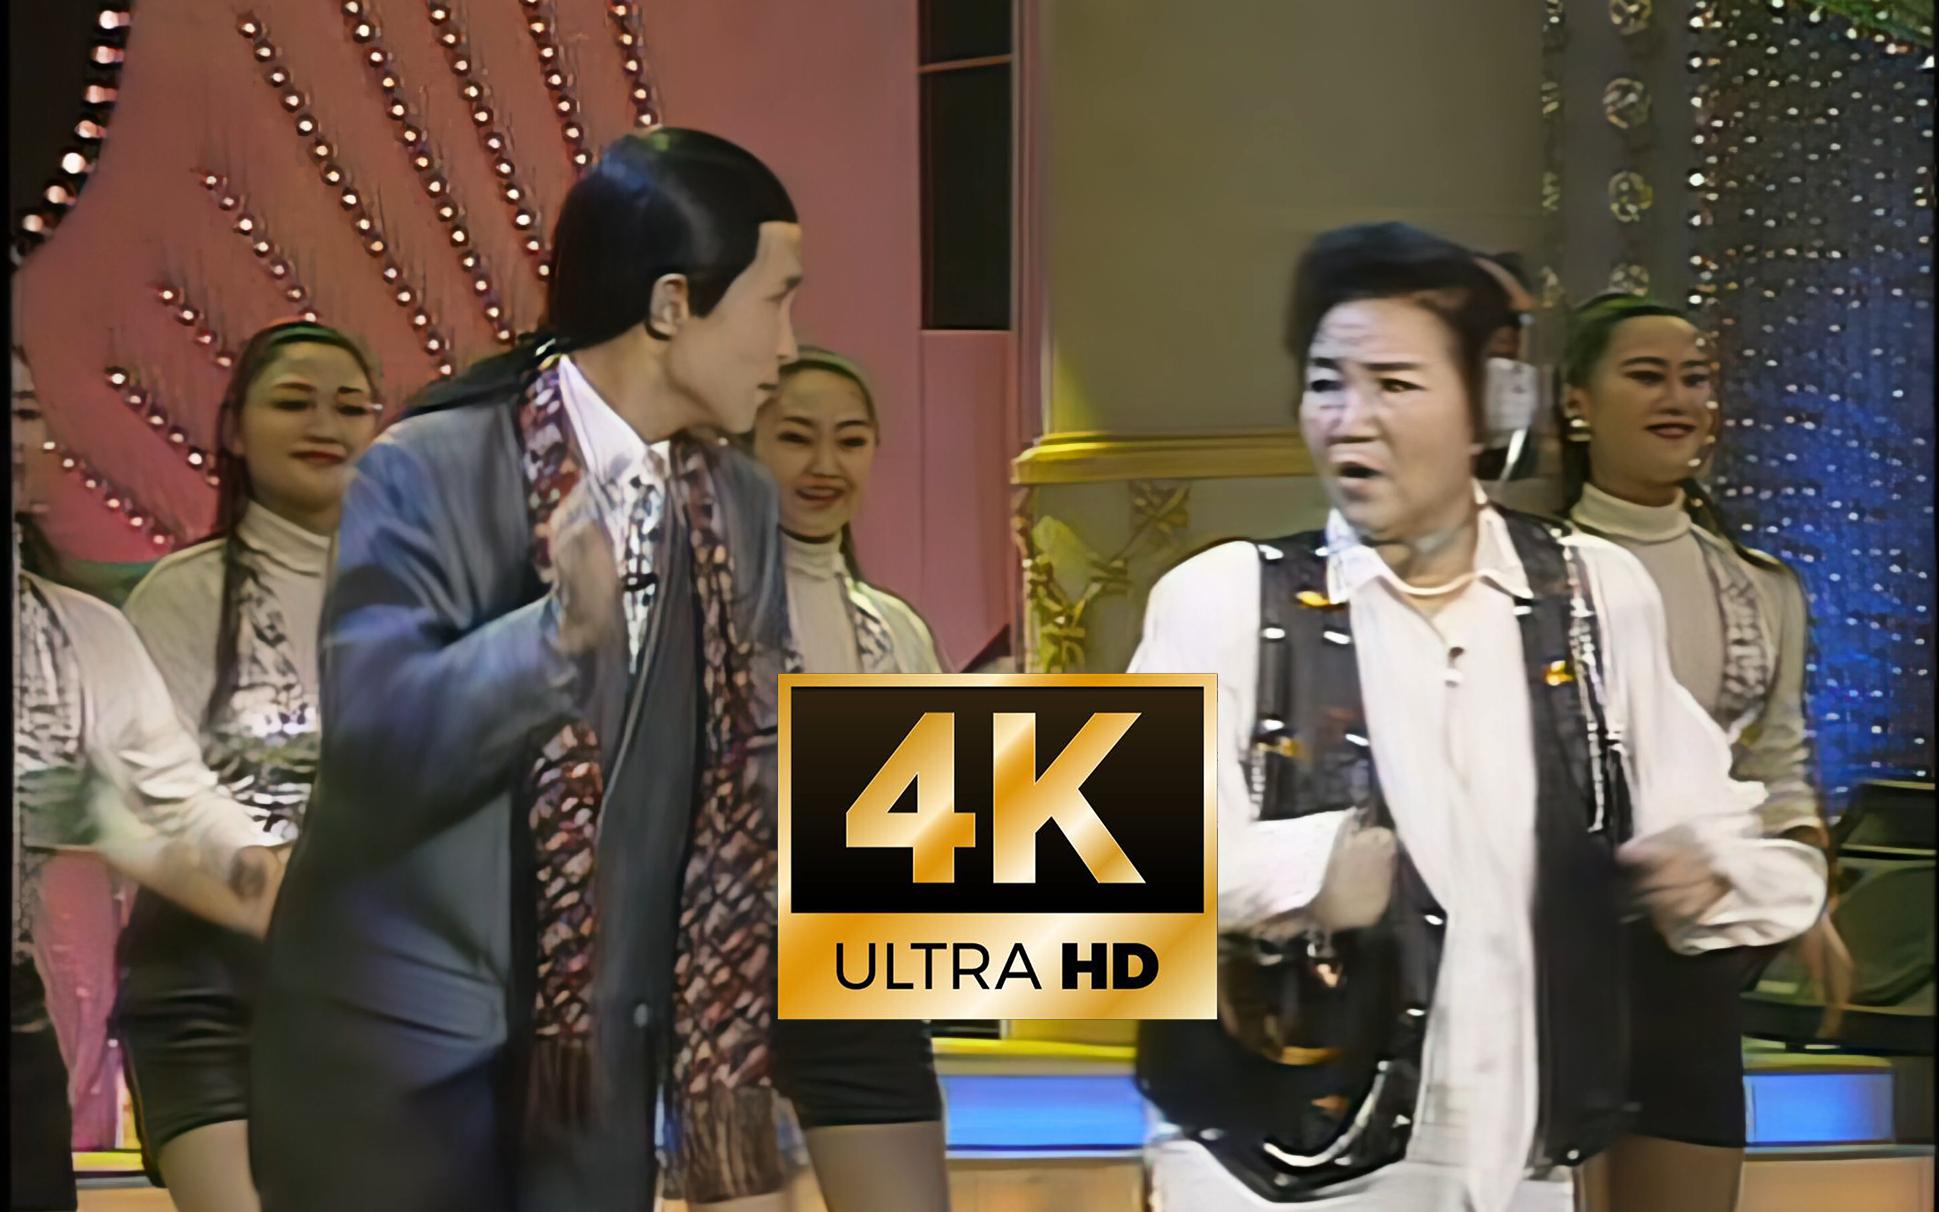 【4K修复】赵丽蓉小品 如此包装